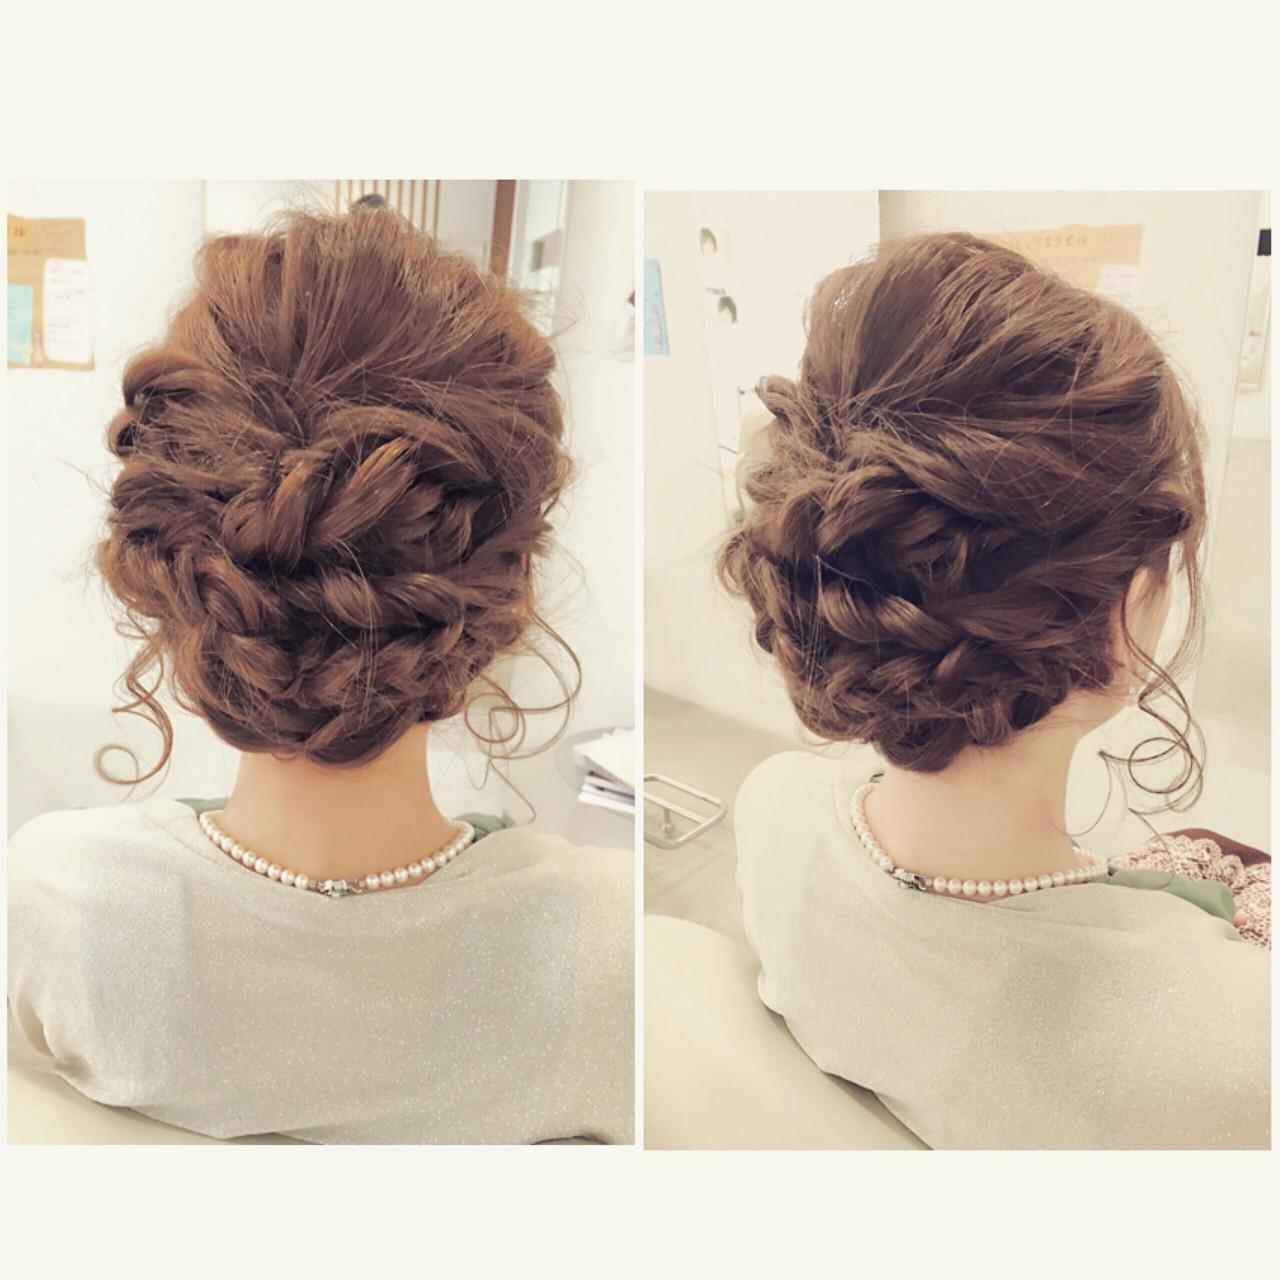 ゆるふわ フェミニン ヘアアレンジ ハーフアップヘアスタイルや髪型の写真・画像